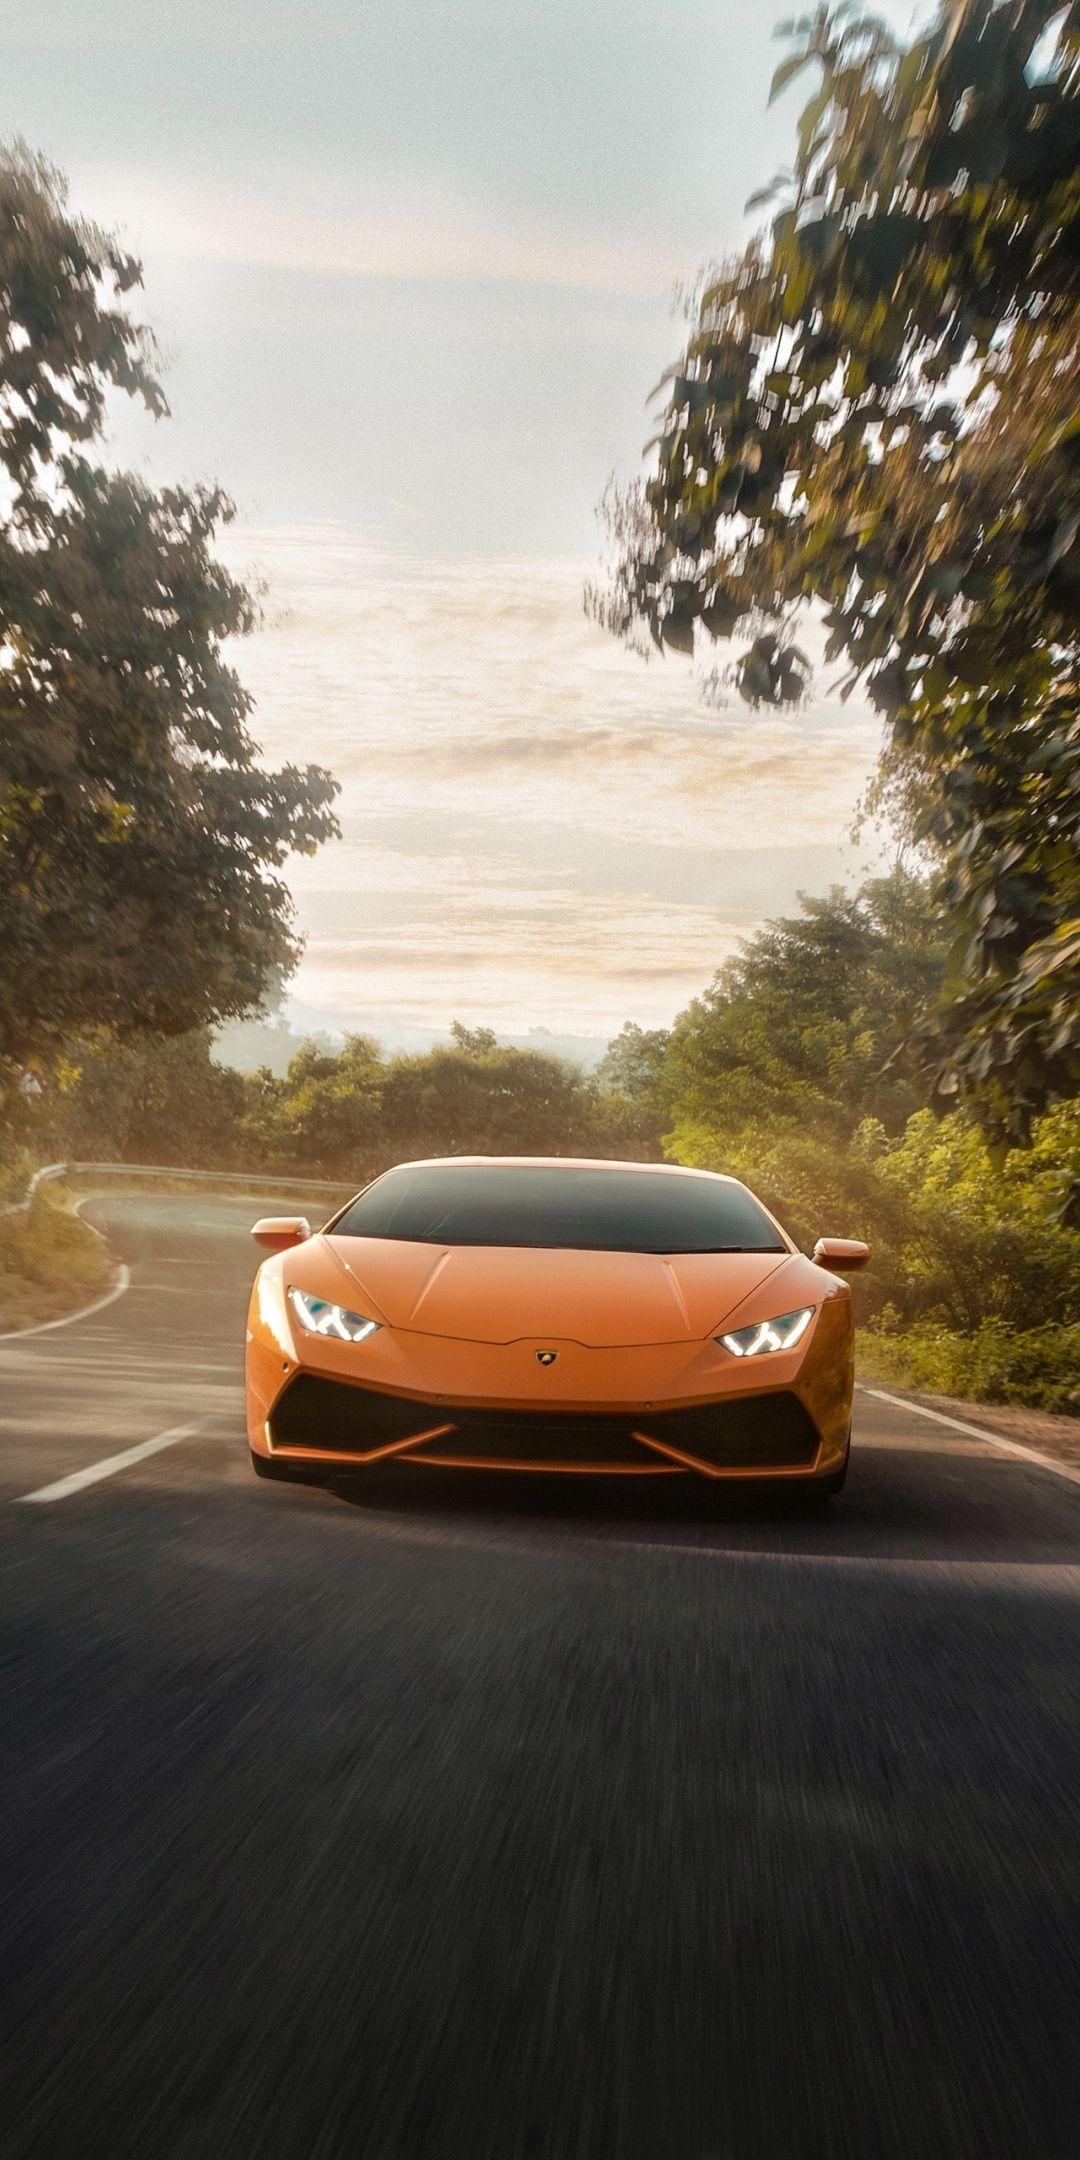 Lamborghini Huracan Orange 2019 Wallpaper Car Wallpapers